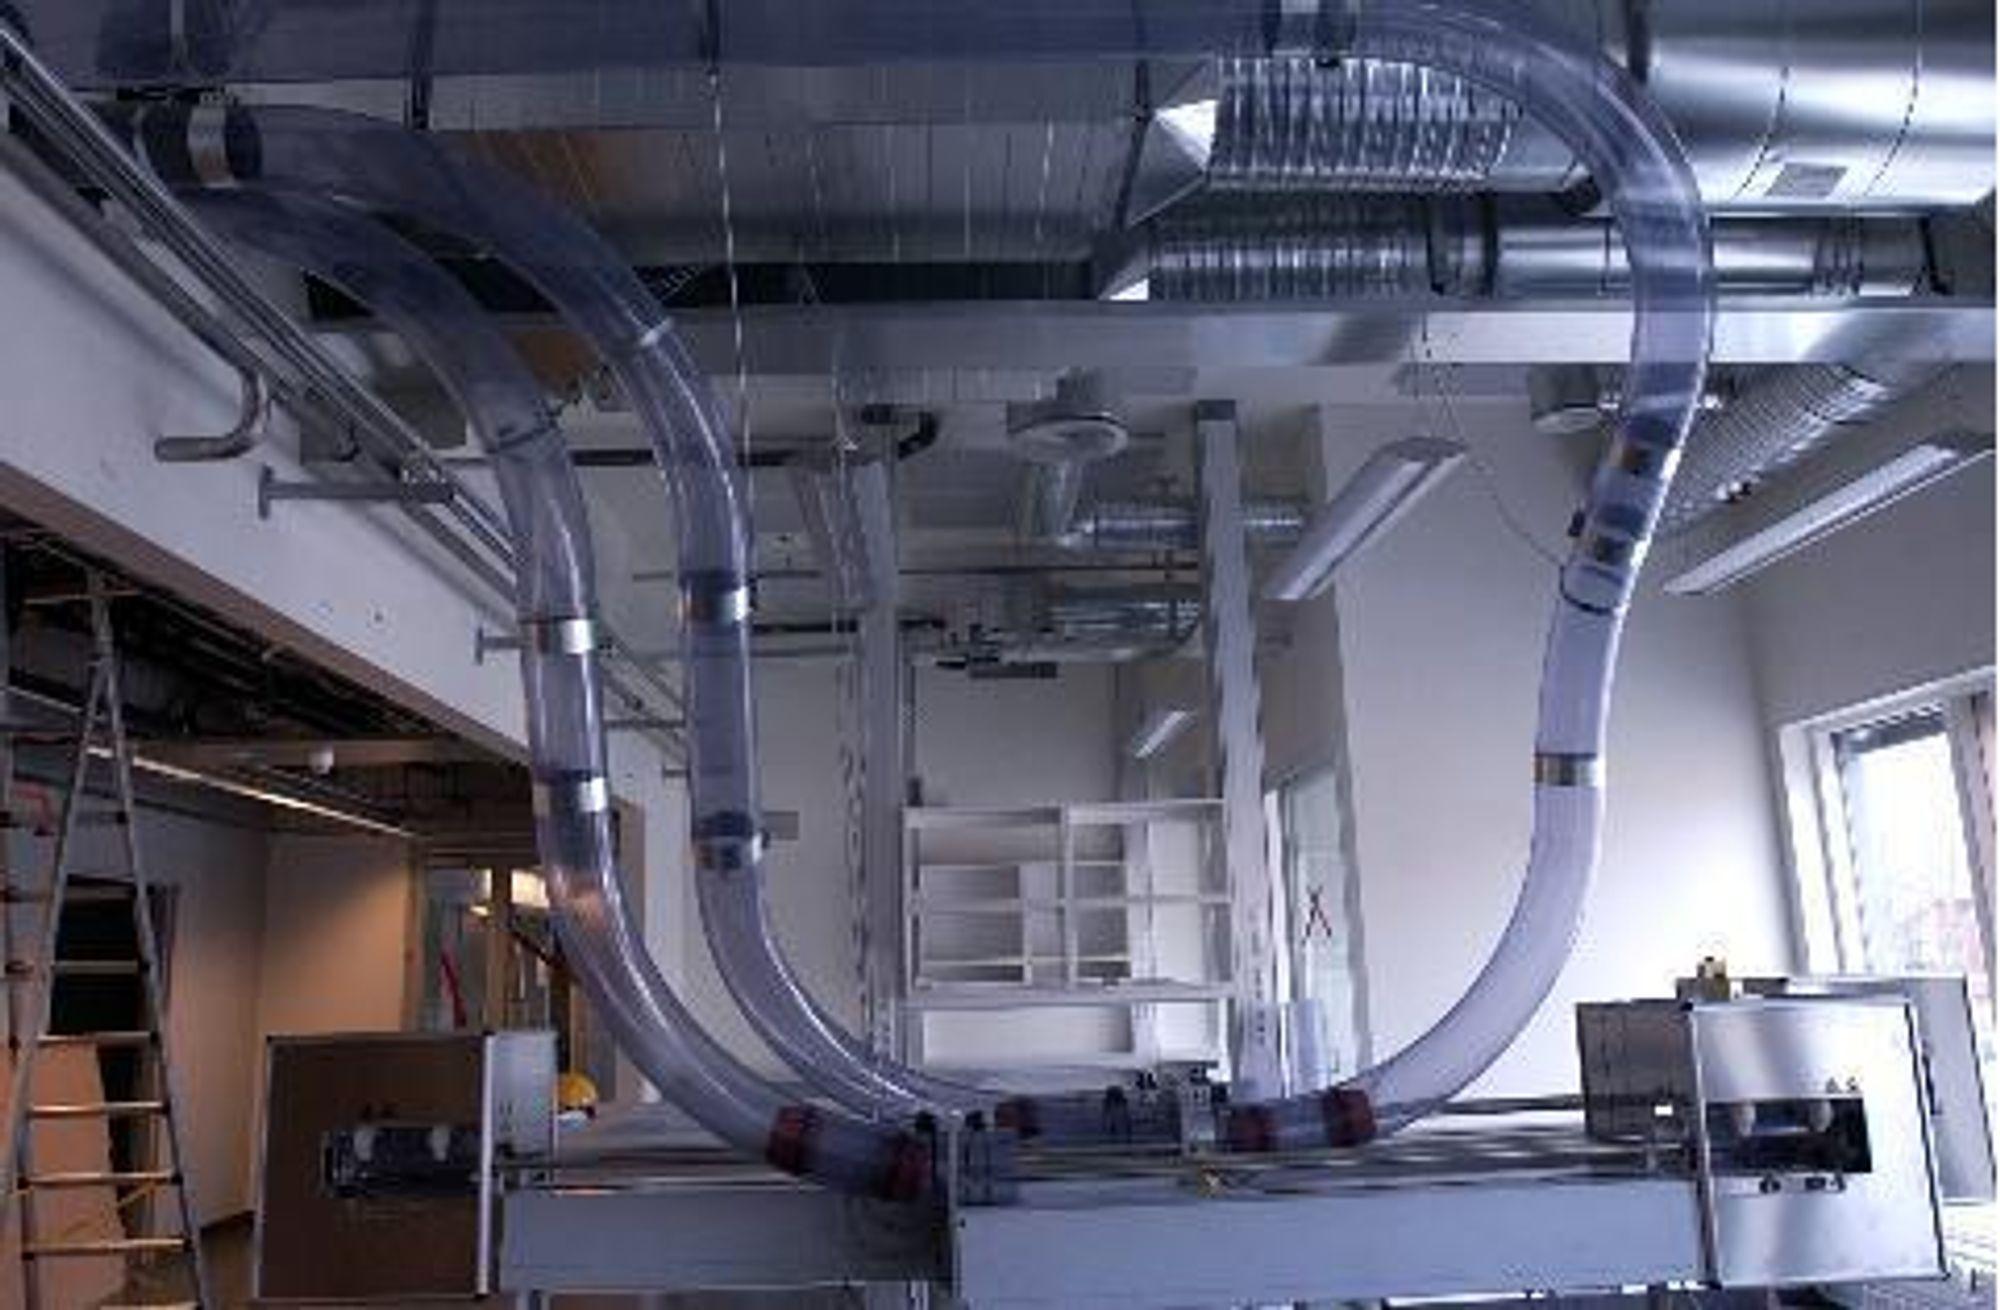 RØRPOST: Fra prøvemottaket i laboratoriet der prøver kommer inn via rørpost.FOTO: HELSE MIDT-NORGE